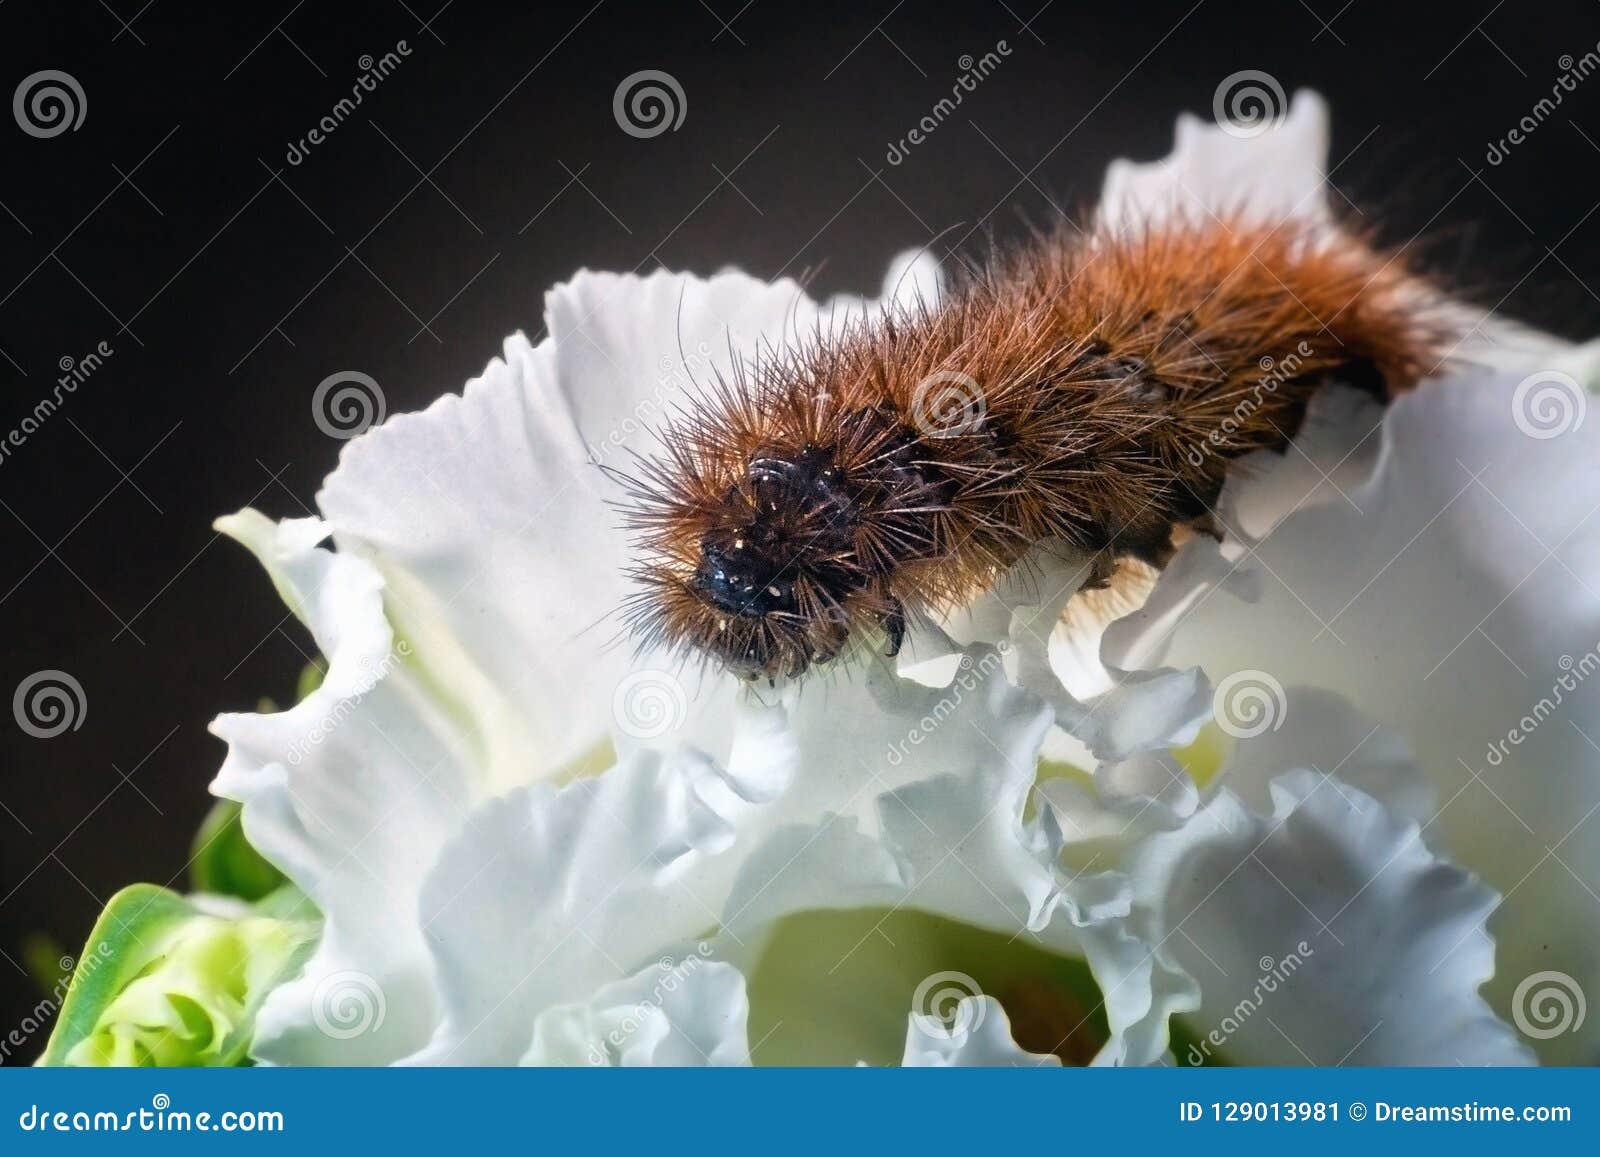 Оранжевый харч на цветении белого цветка